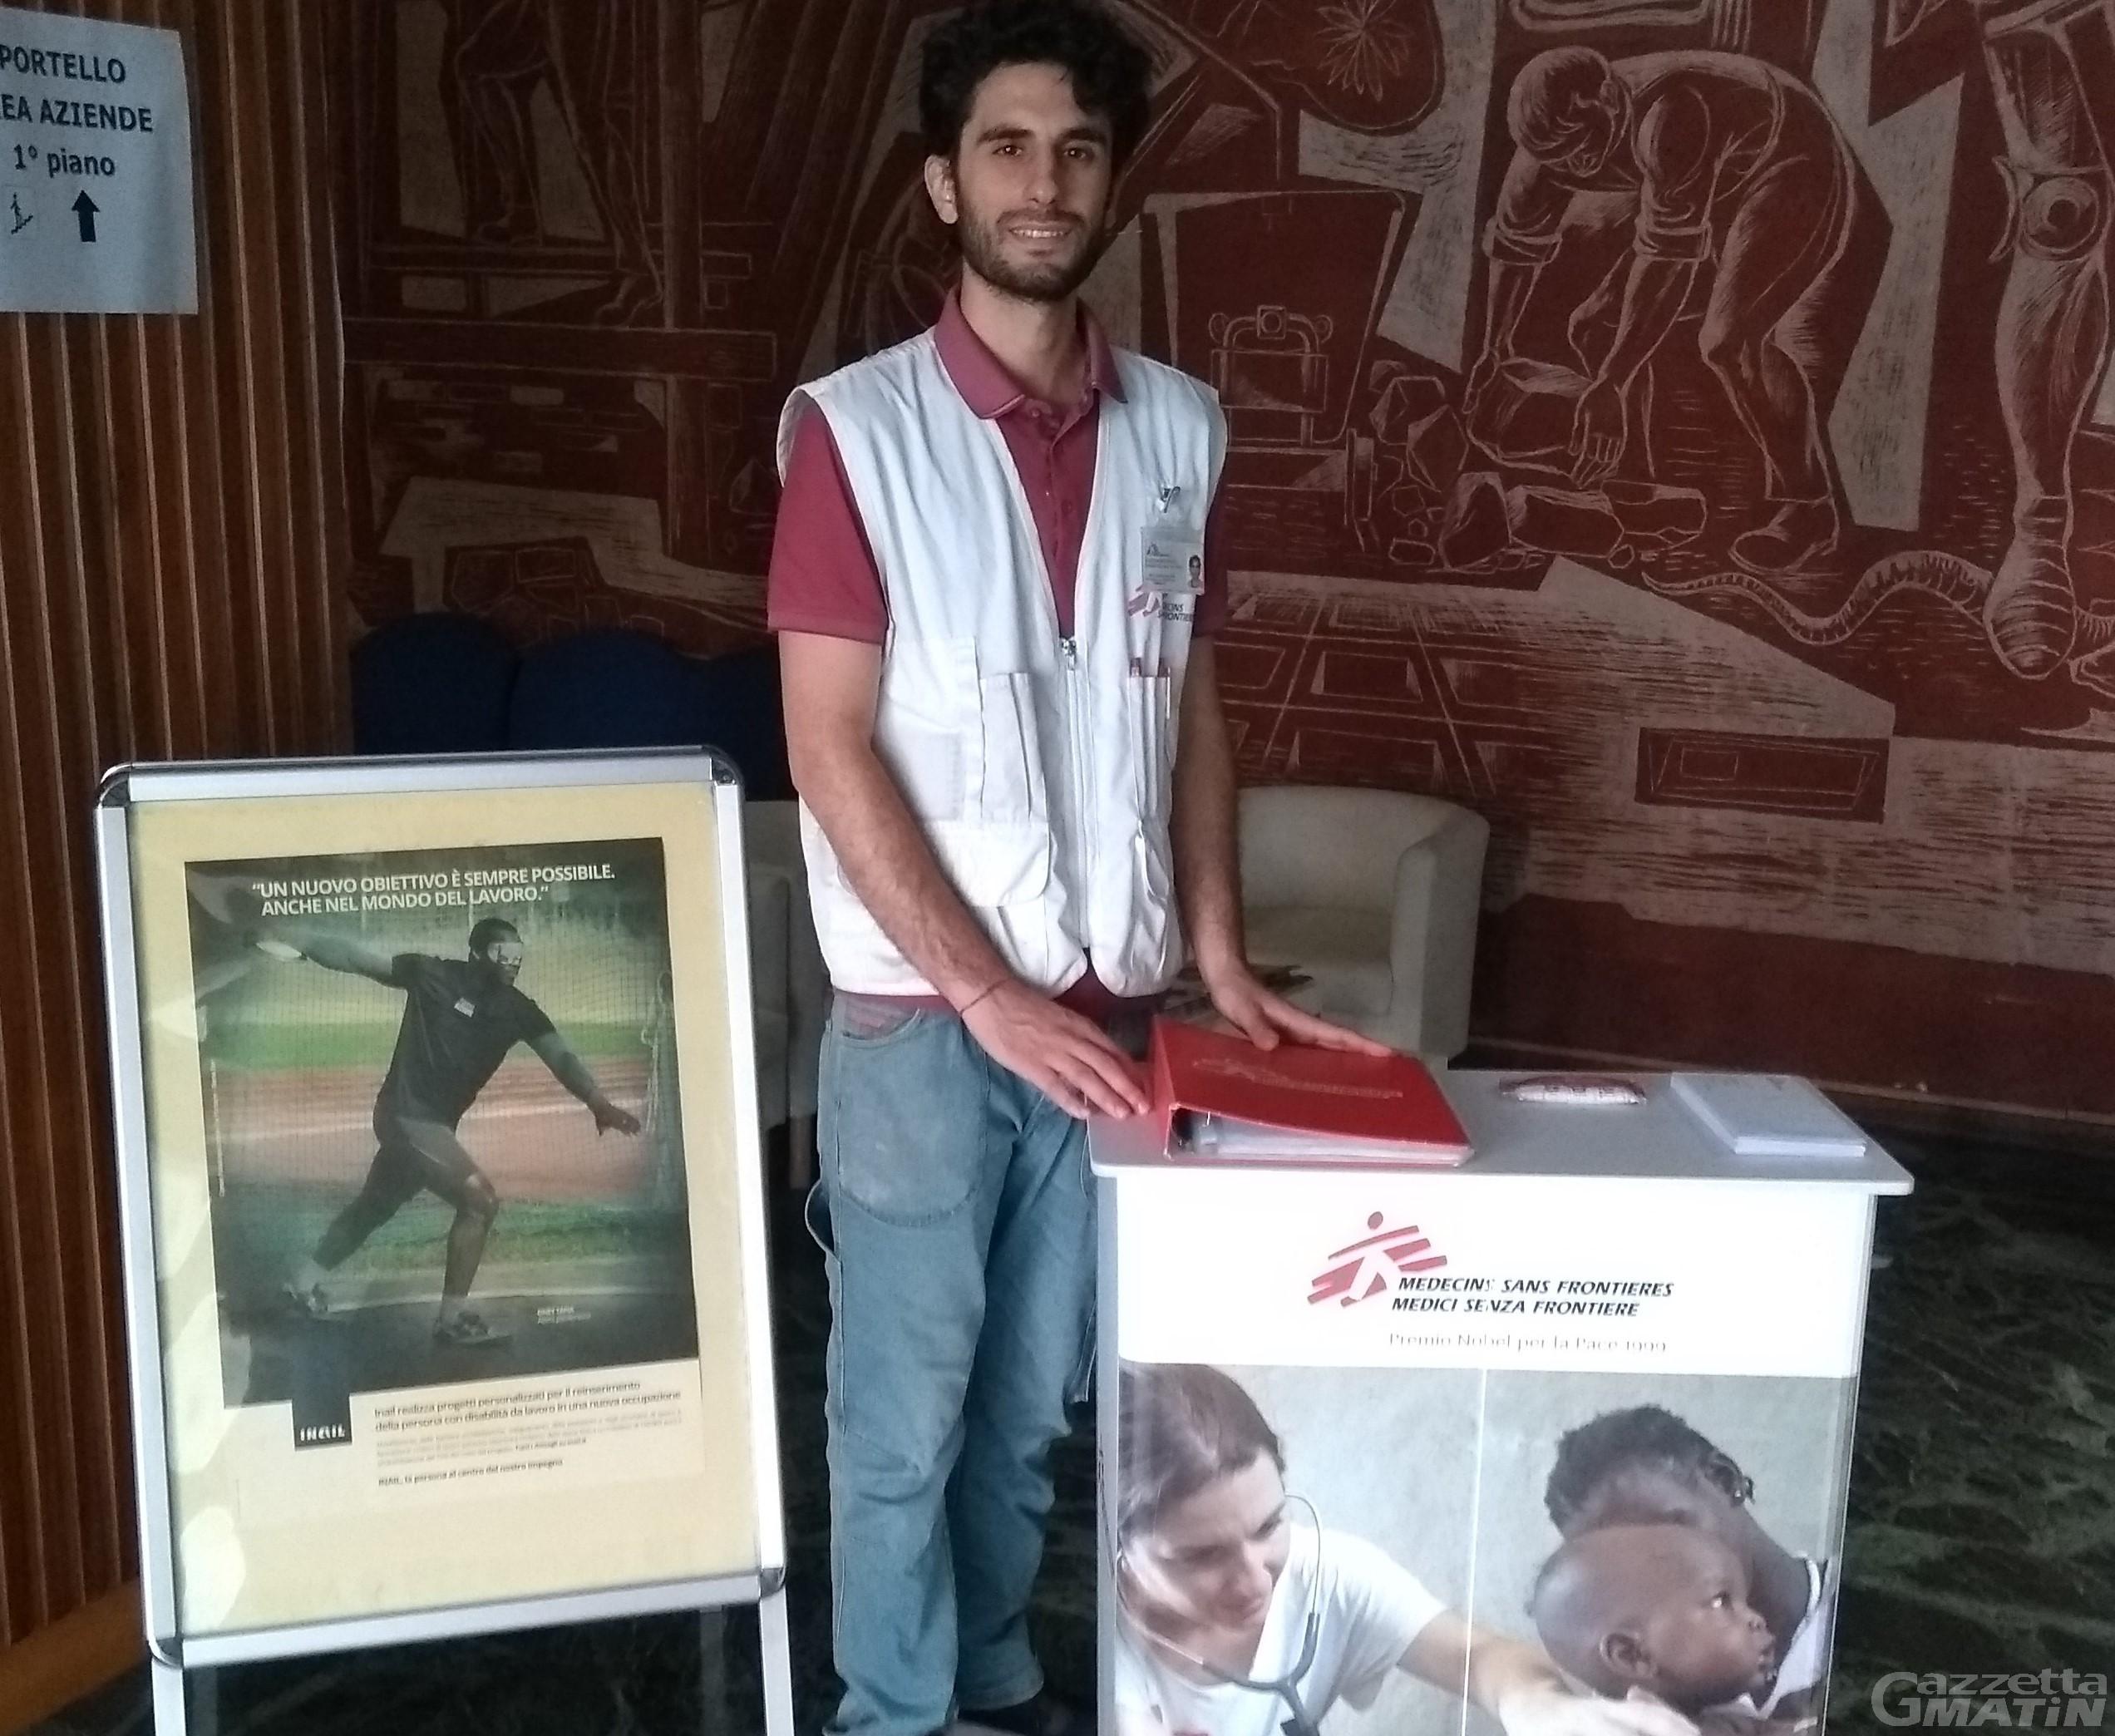 Medici senza frontiere ad Aosta: 100 nuove adesioni in 10 giorni